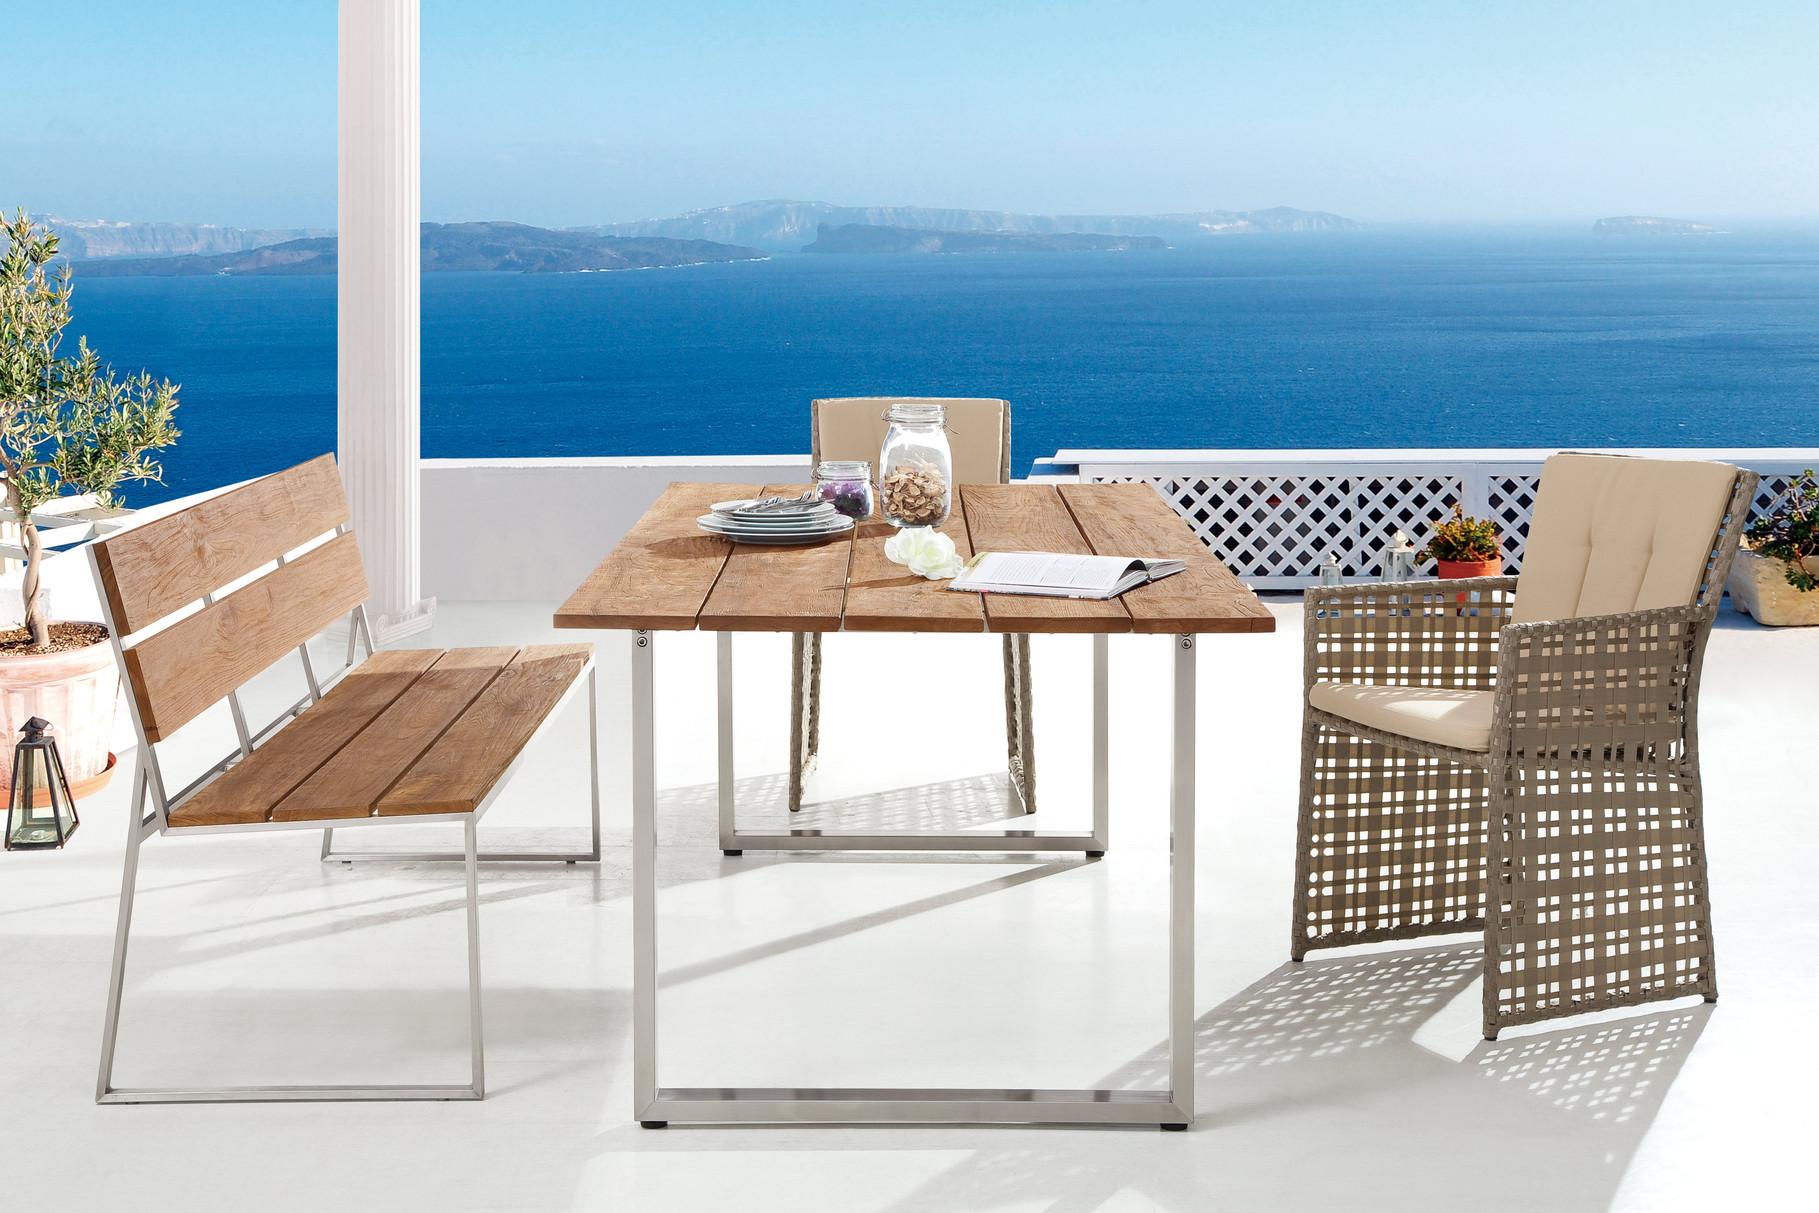 Serie Barcello Beige | Tisch und Bank Salvador Teak Edelstahl